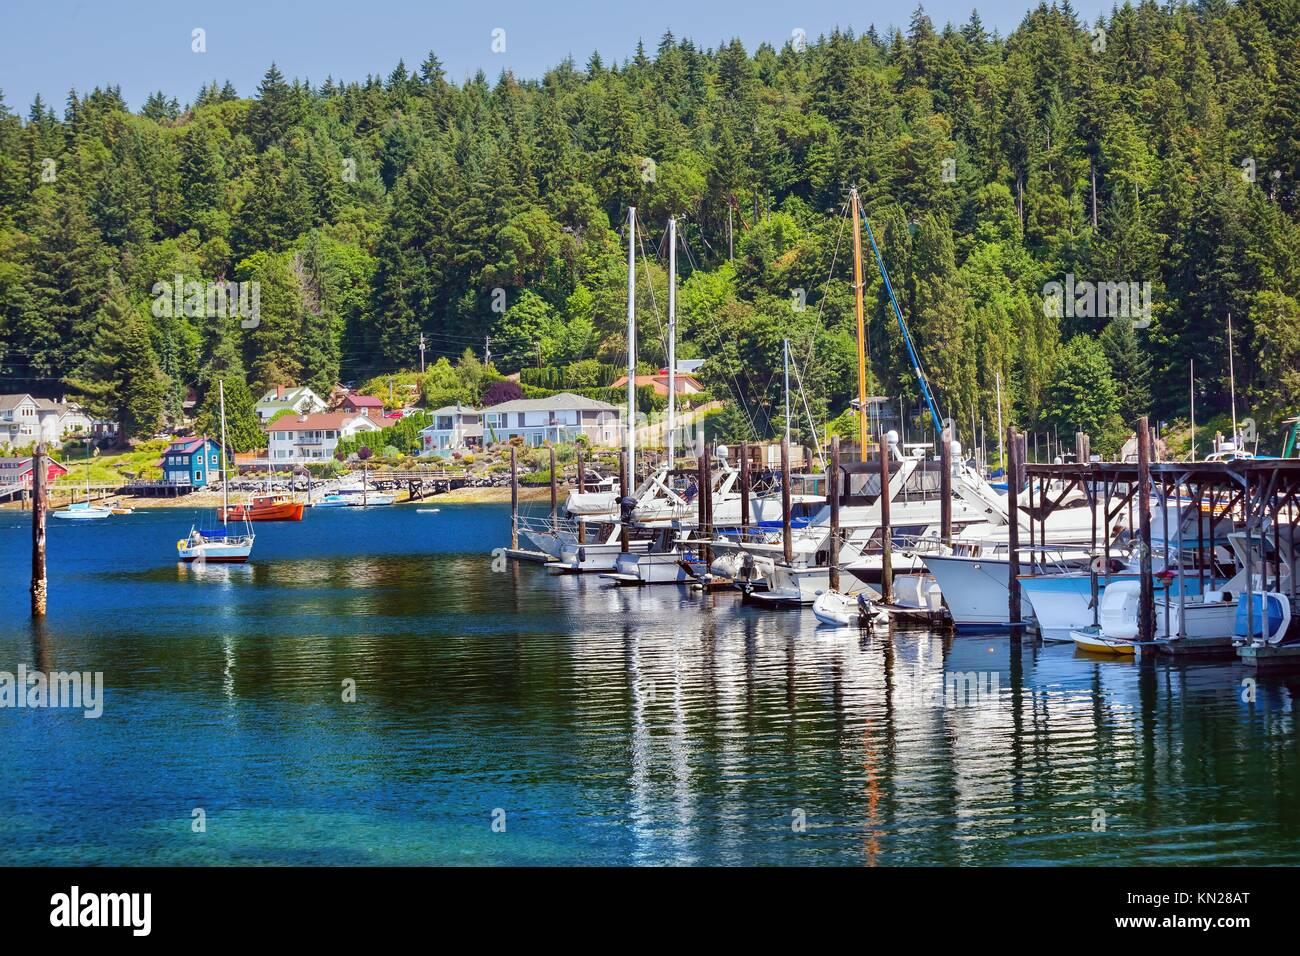 White Sailboats Marina Reflection, Gig Harbor, Pierce County, Washington State Pacific Northwest - Stock Image